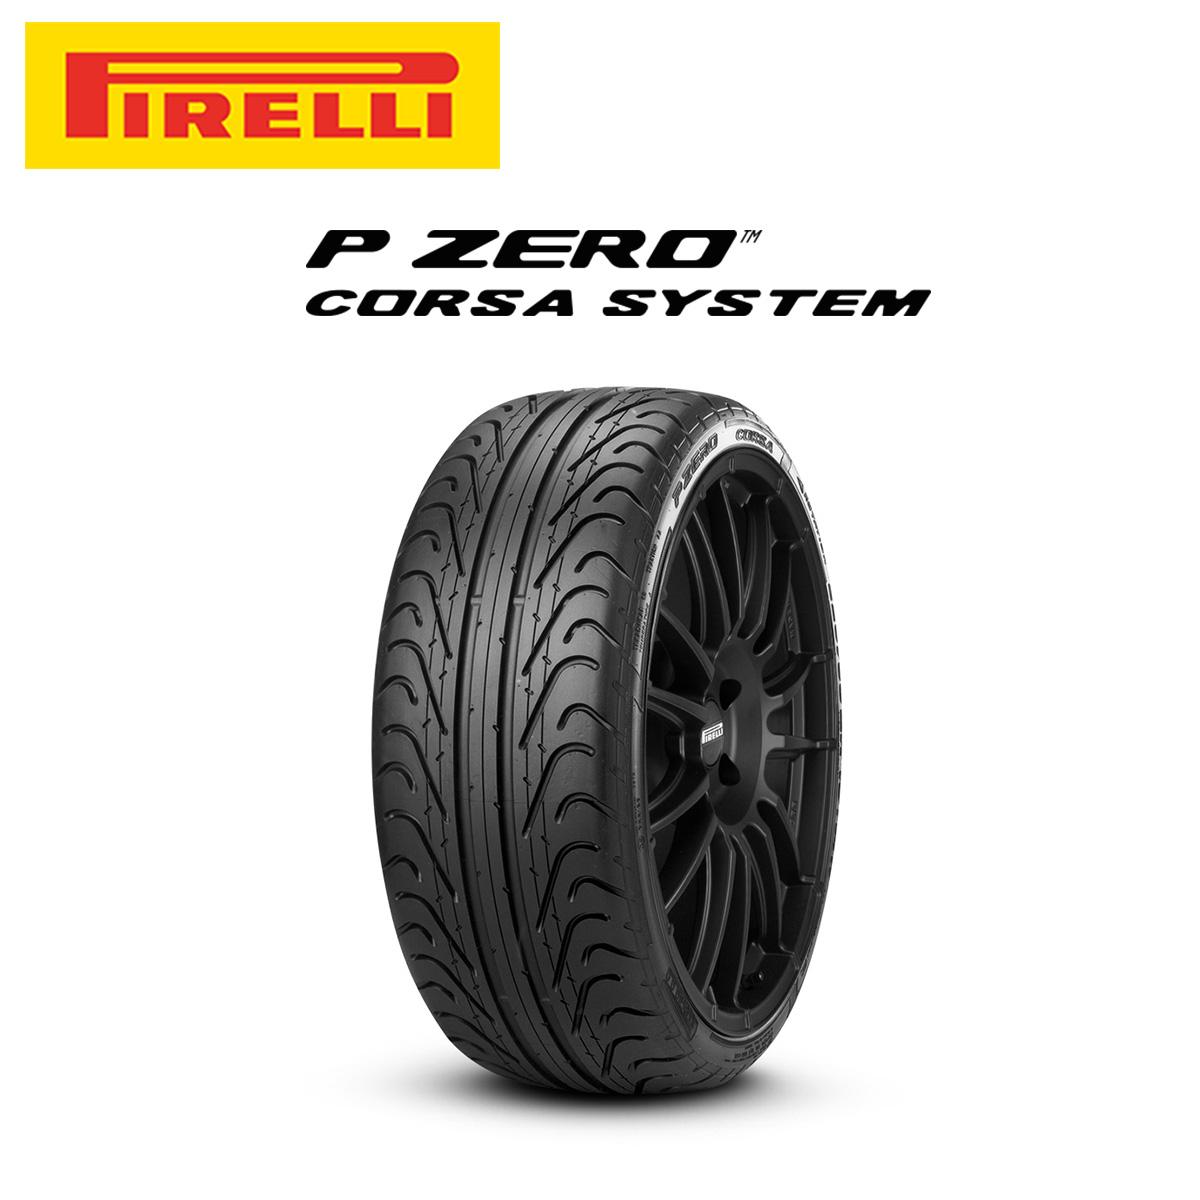 ピレリ PIRELLI P ZERO CORSA ピーゼロコルサ 20インチ サマー タイヤ 1本 245/30ZR20 90Y XL L:ランボルギーニ承認タイヤ 2572500